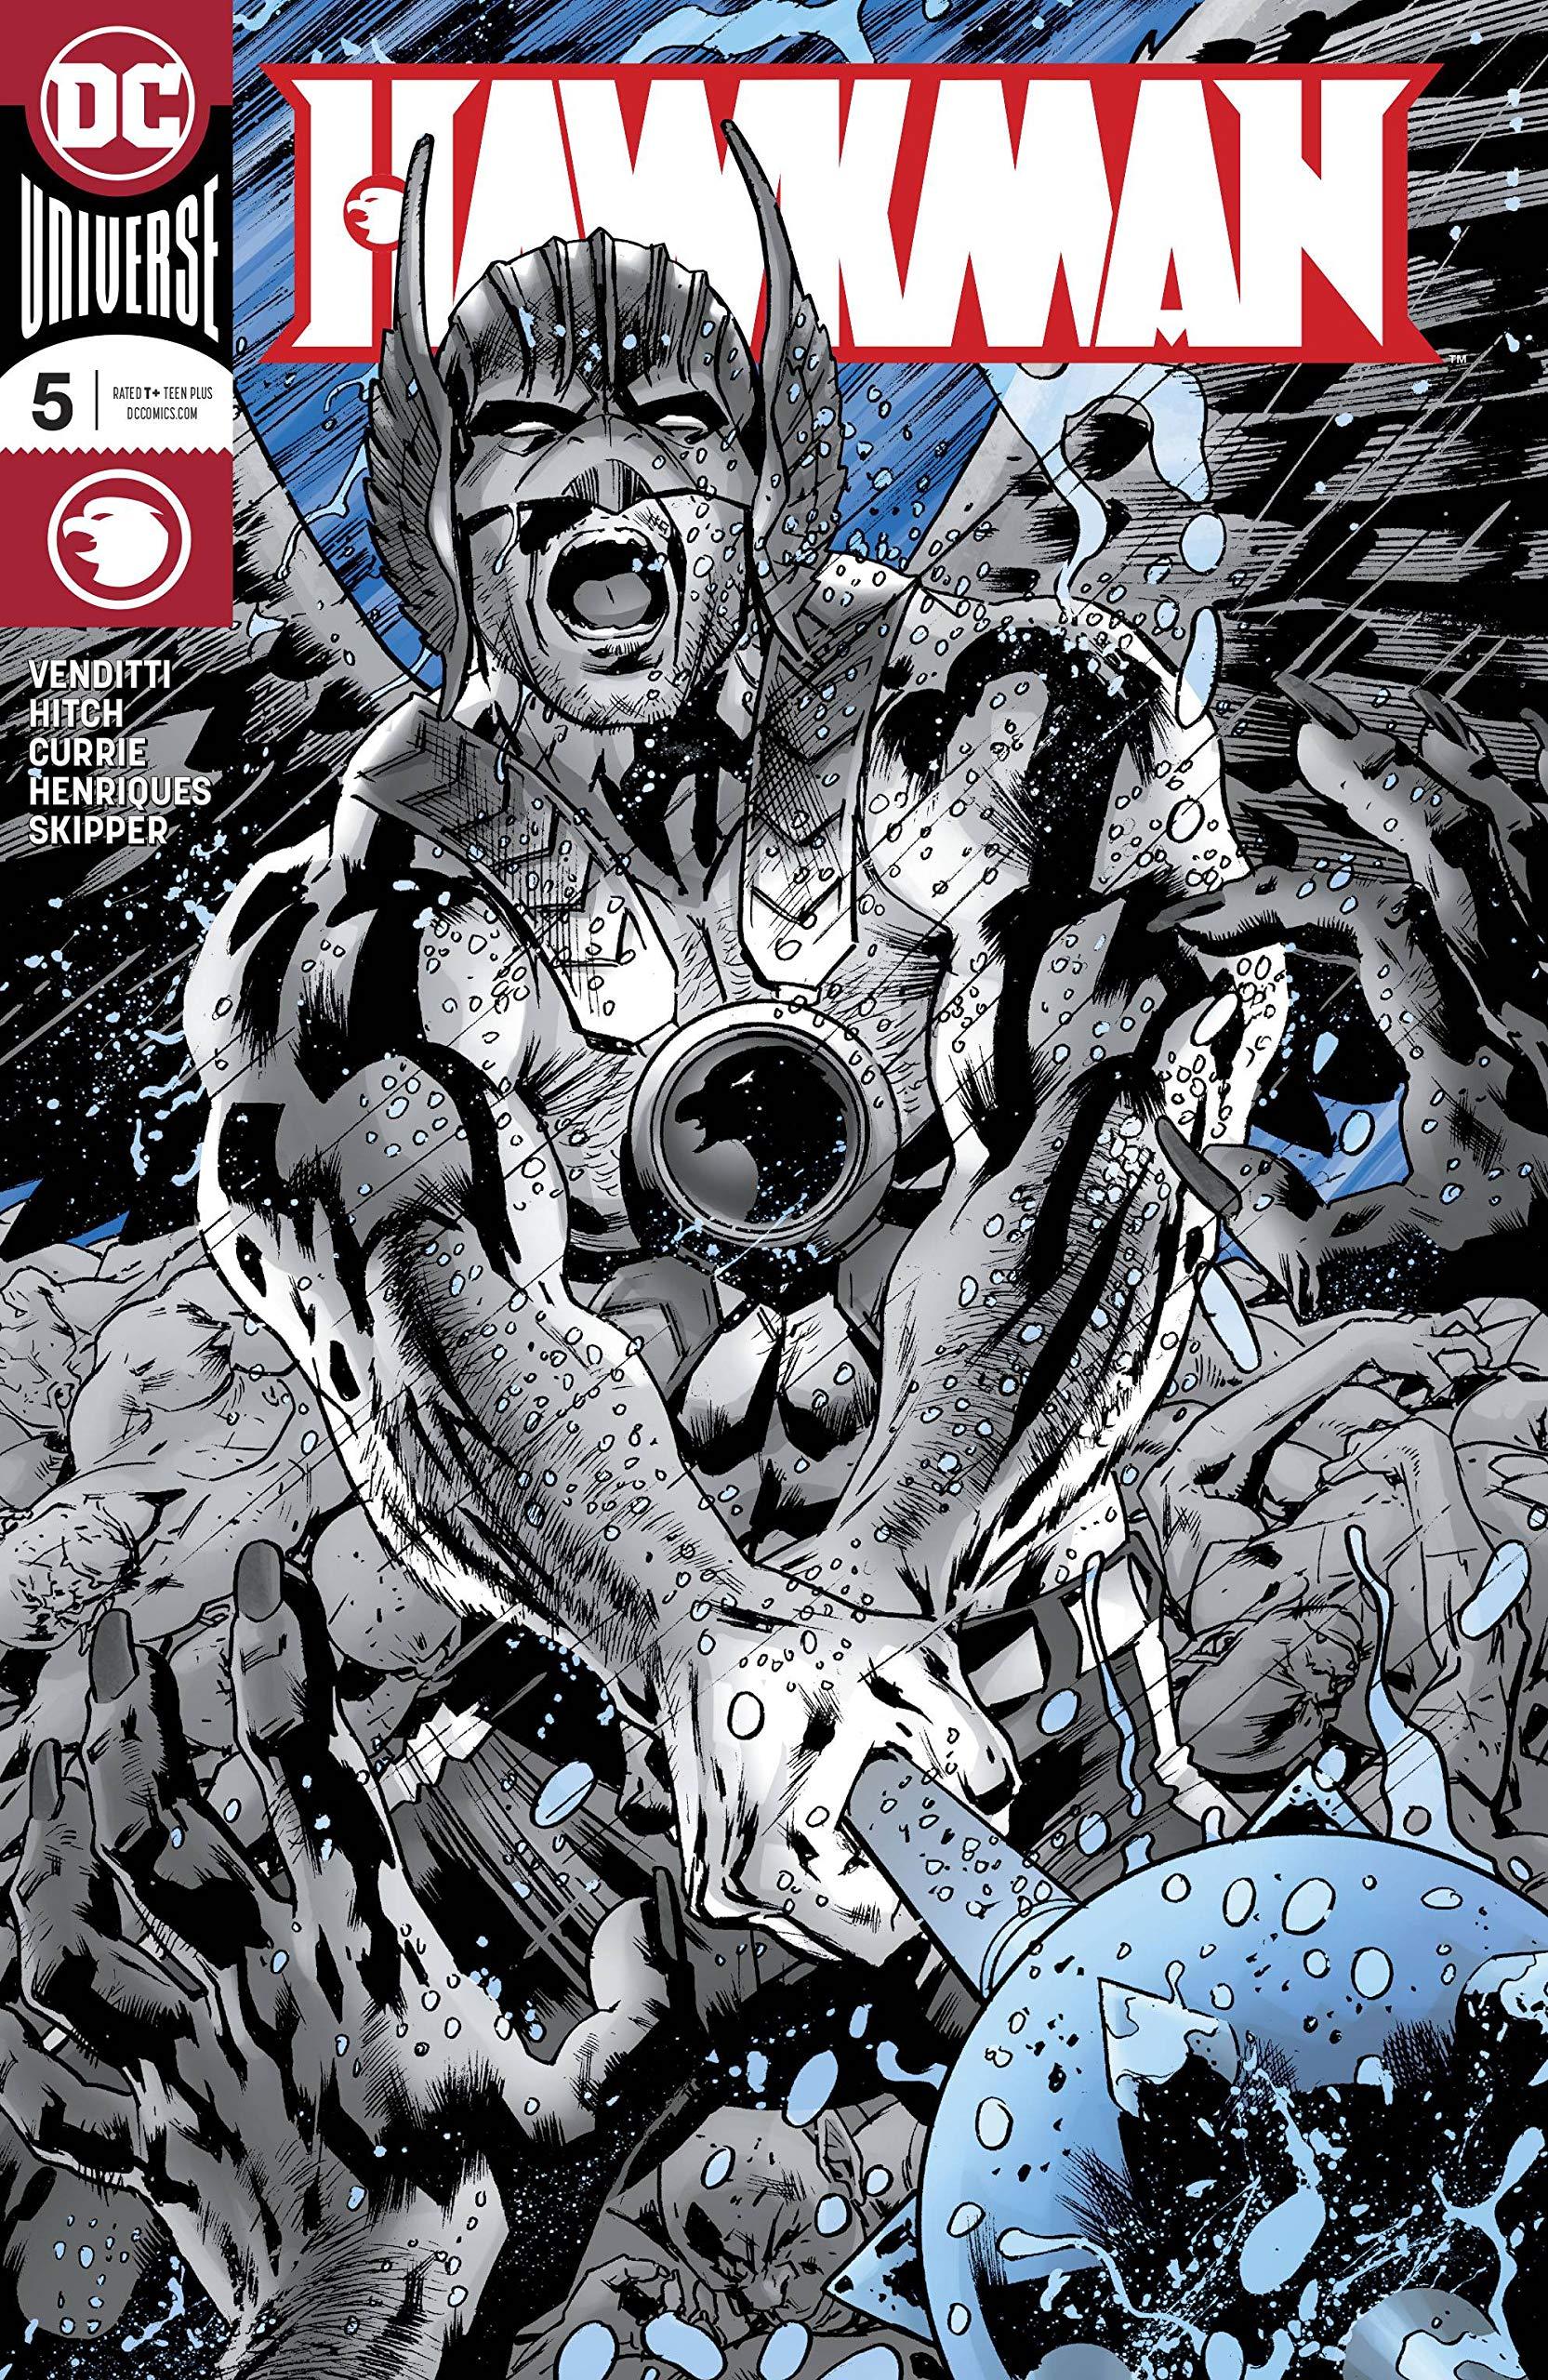 Hawkman #5 Foil